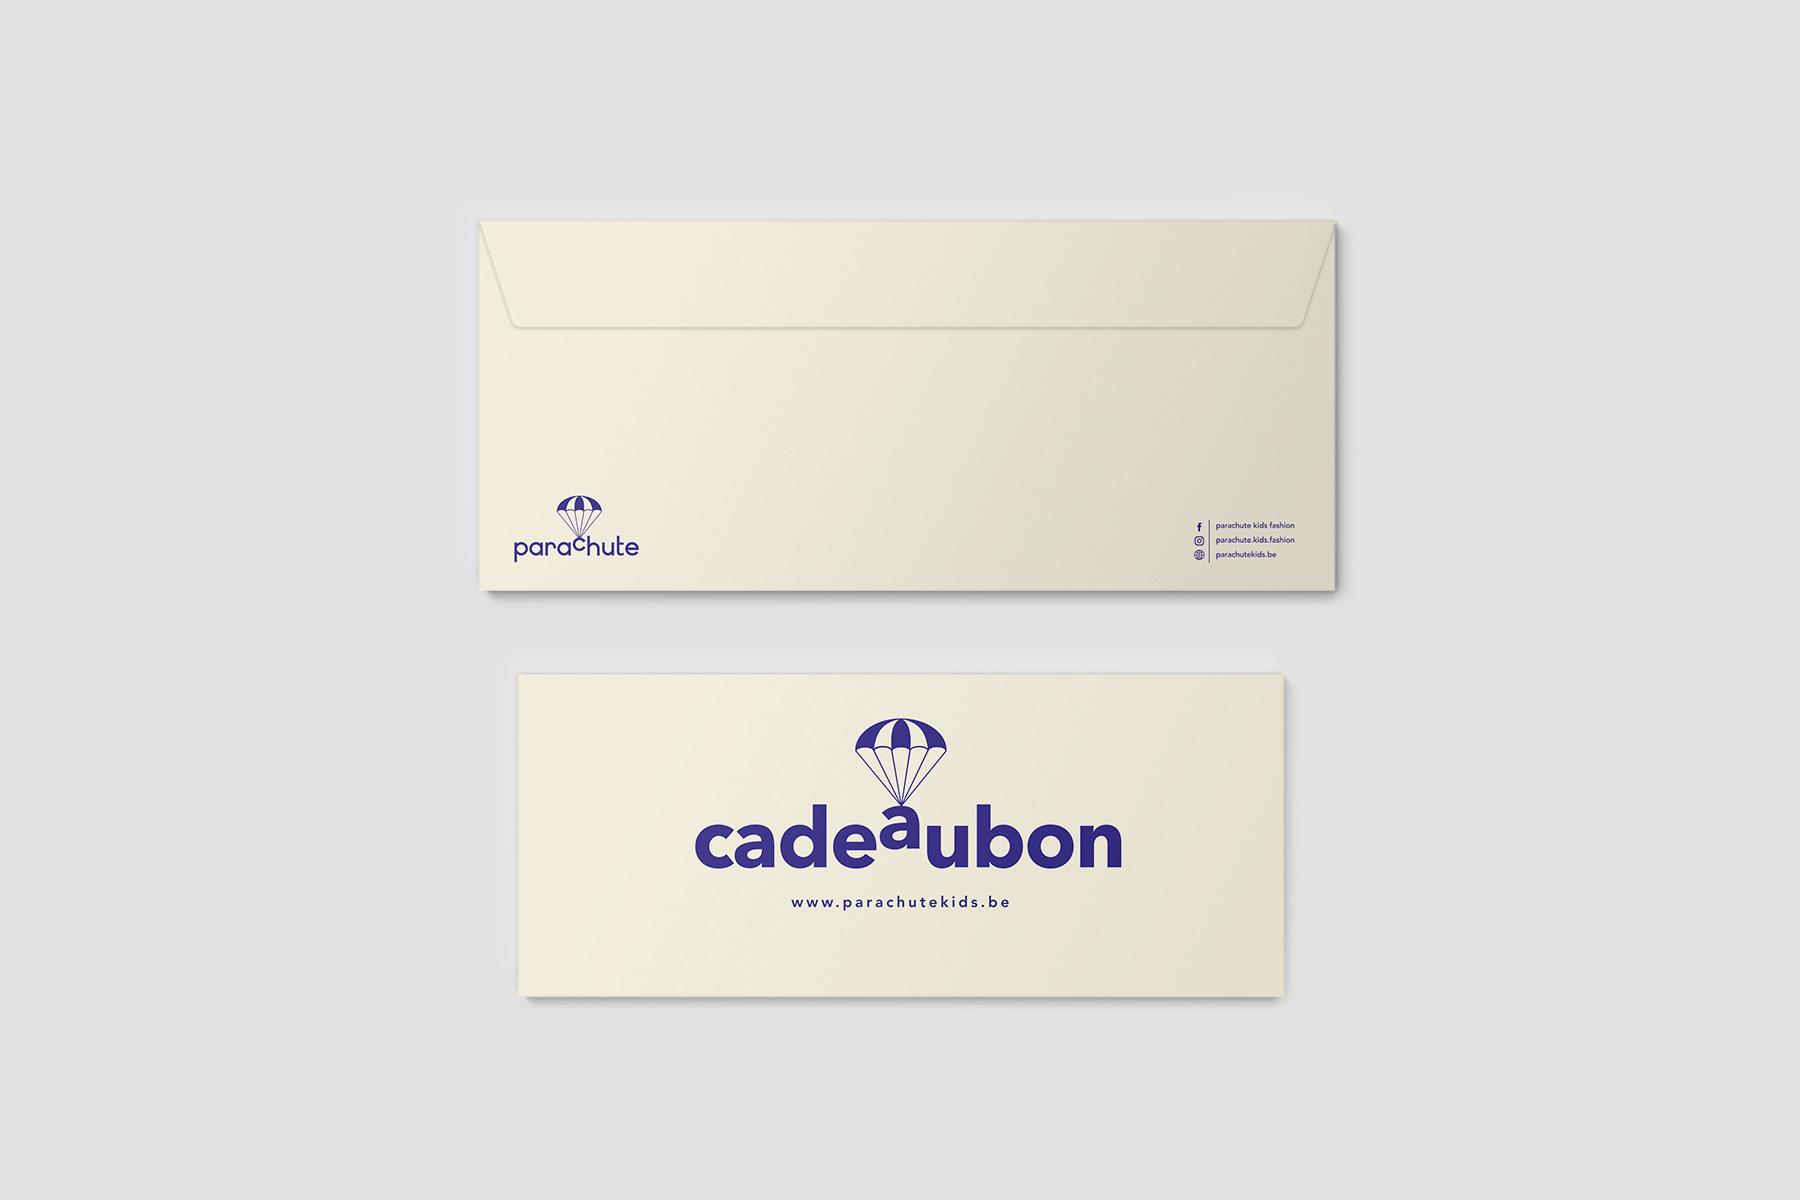 parachute_cadeaubon_design